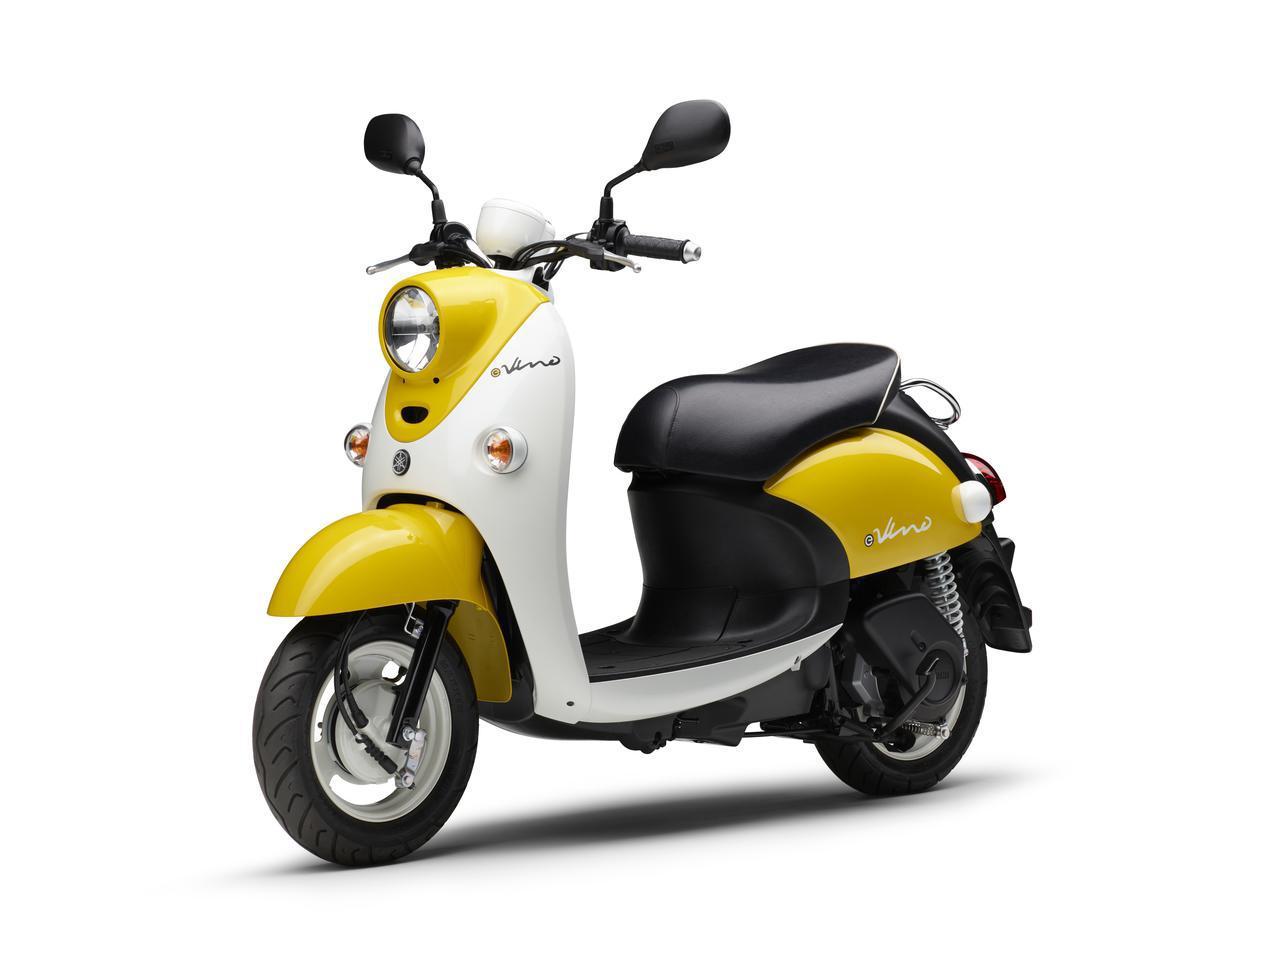 画像2: ヤマハが電動スクーター「E-Vino」(イービーノ)の2021年モデルを発売! 初のカラーチェンジでイメージを一新